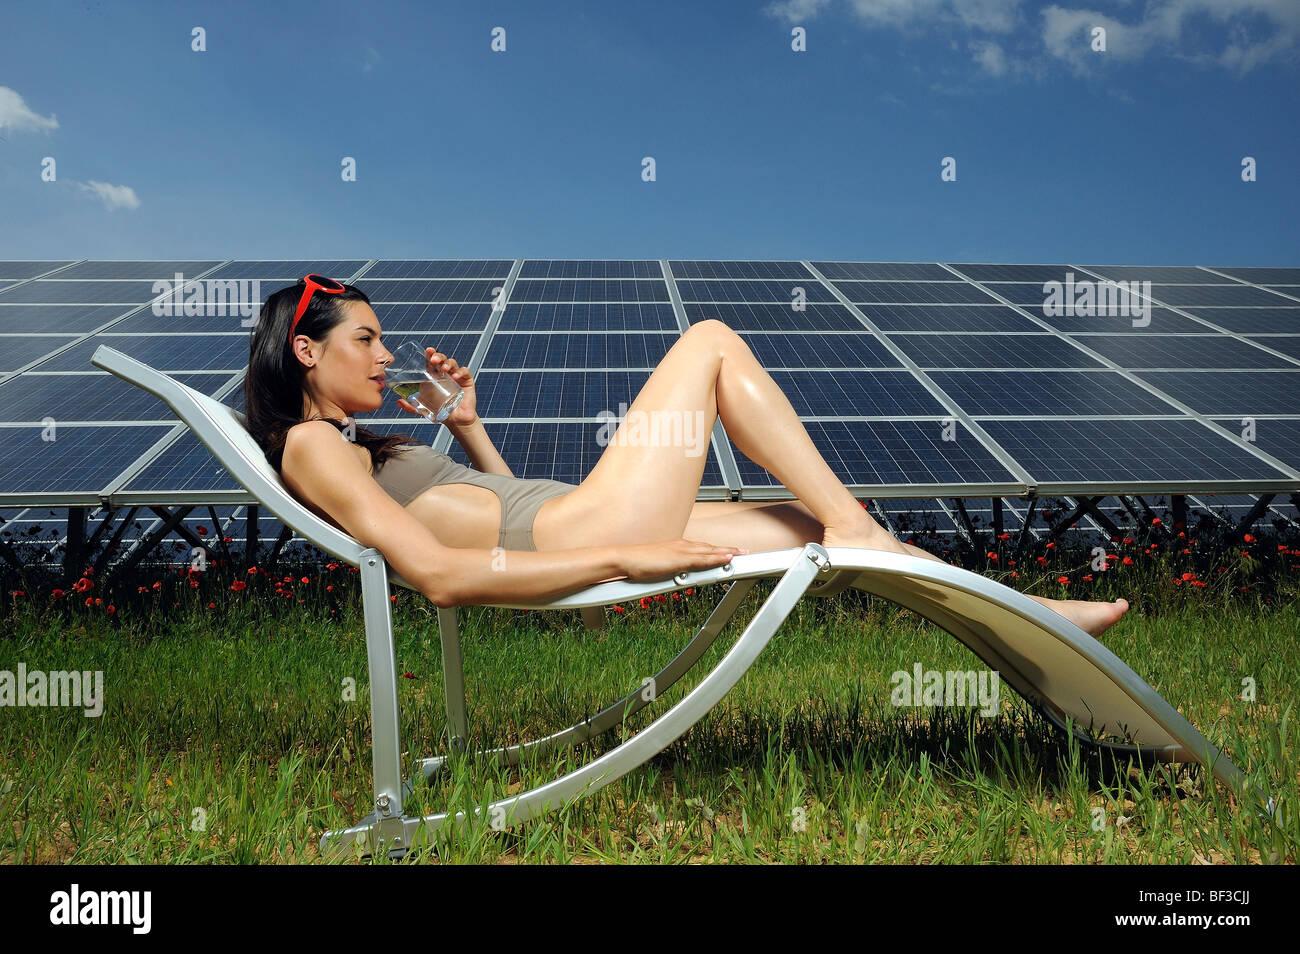 Mujer tomando el sol en la parte frontal del panel solar Imagen De Stock